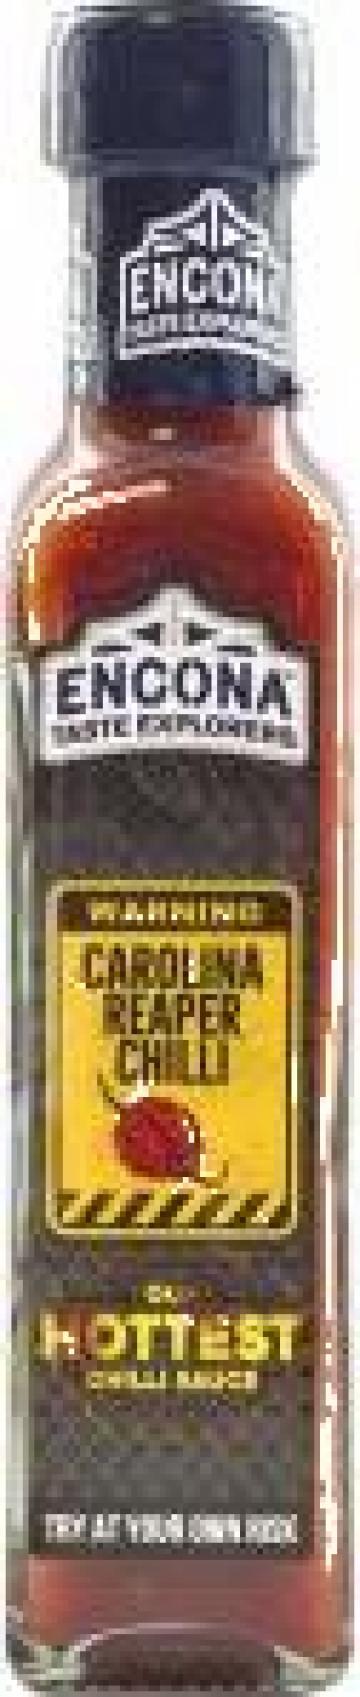 Sos iute Carolina Reaper Chilli 142 ml, Encona de la Expert Factor Foods Srl